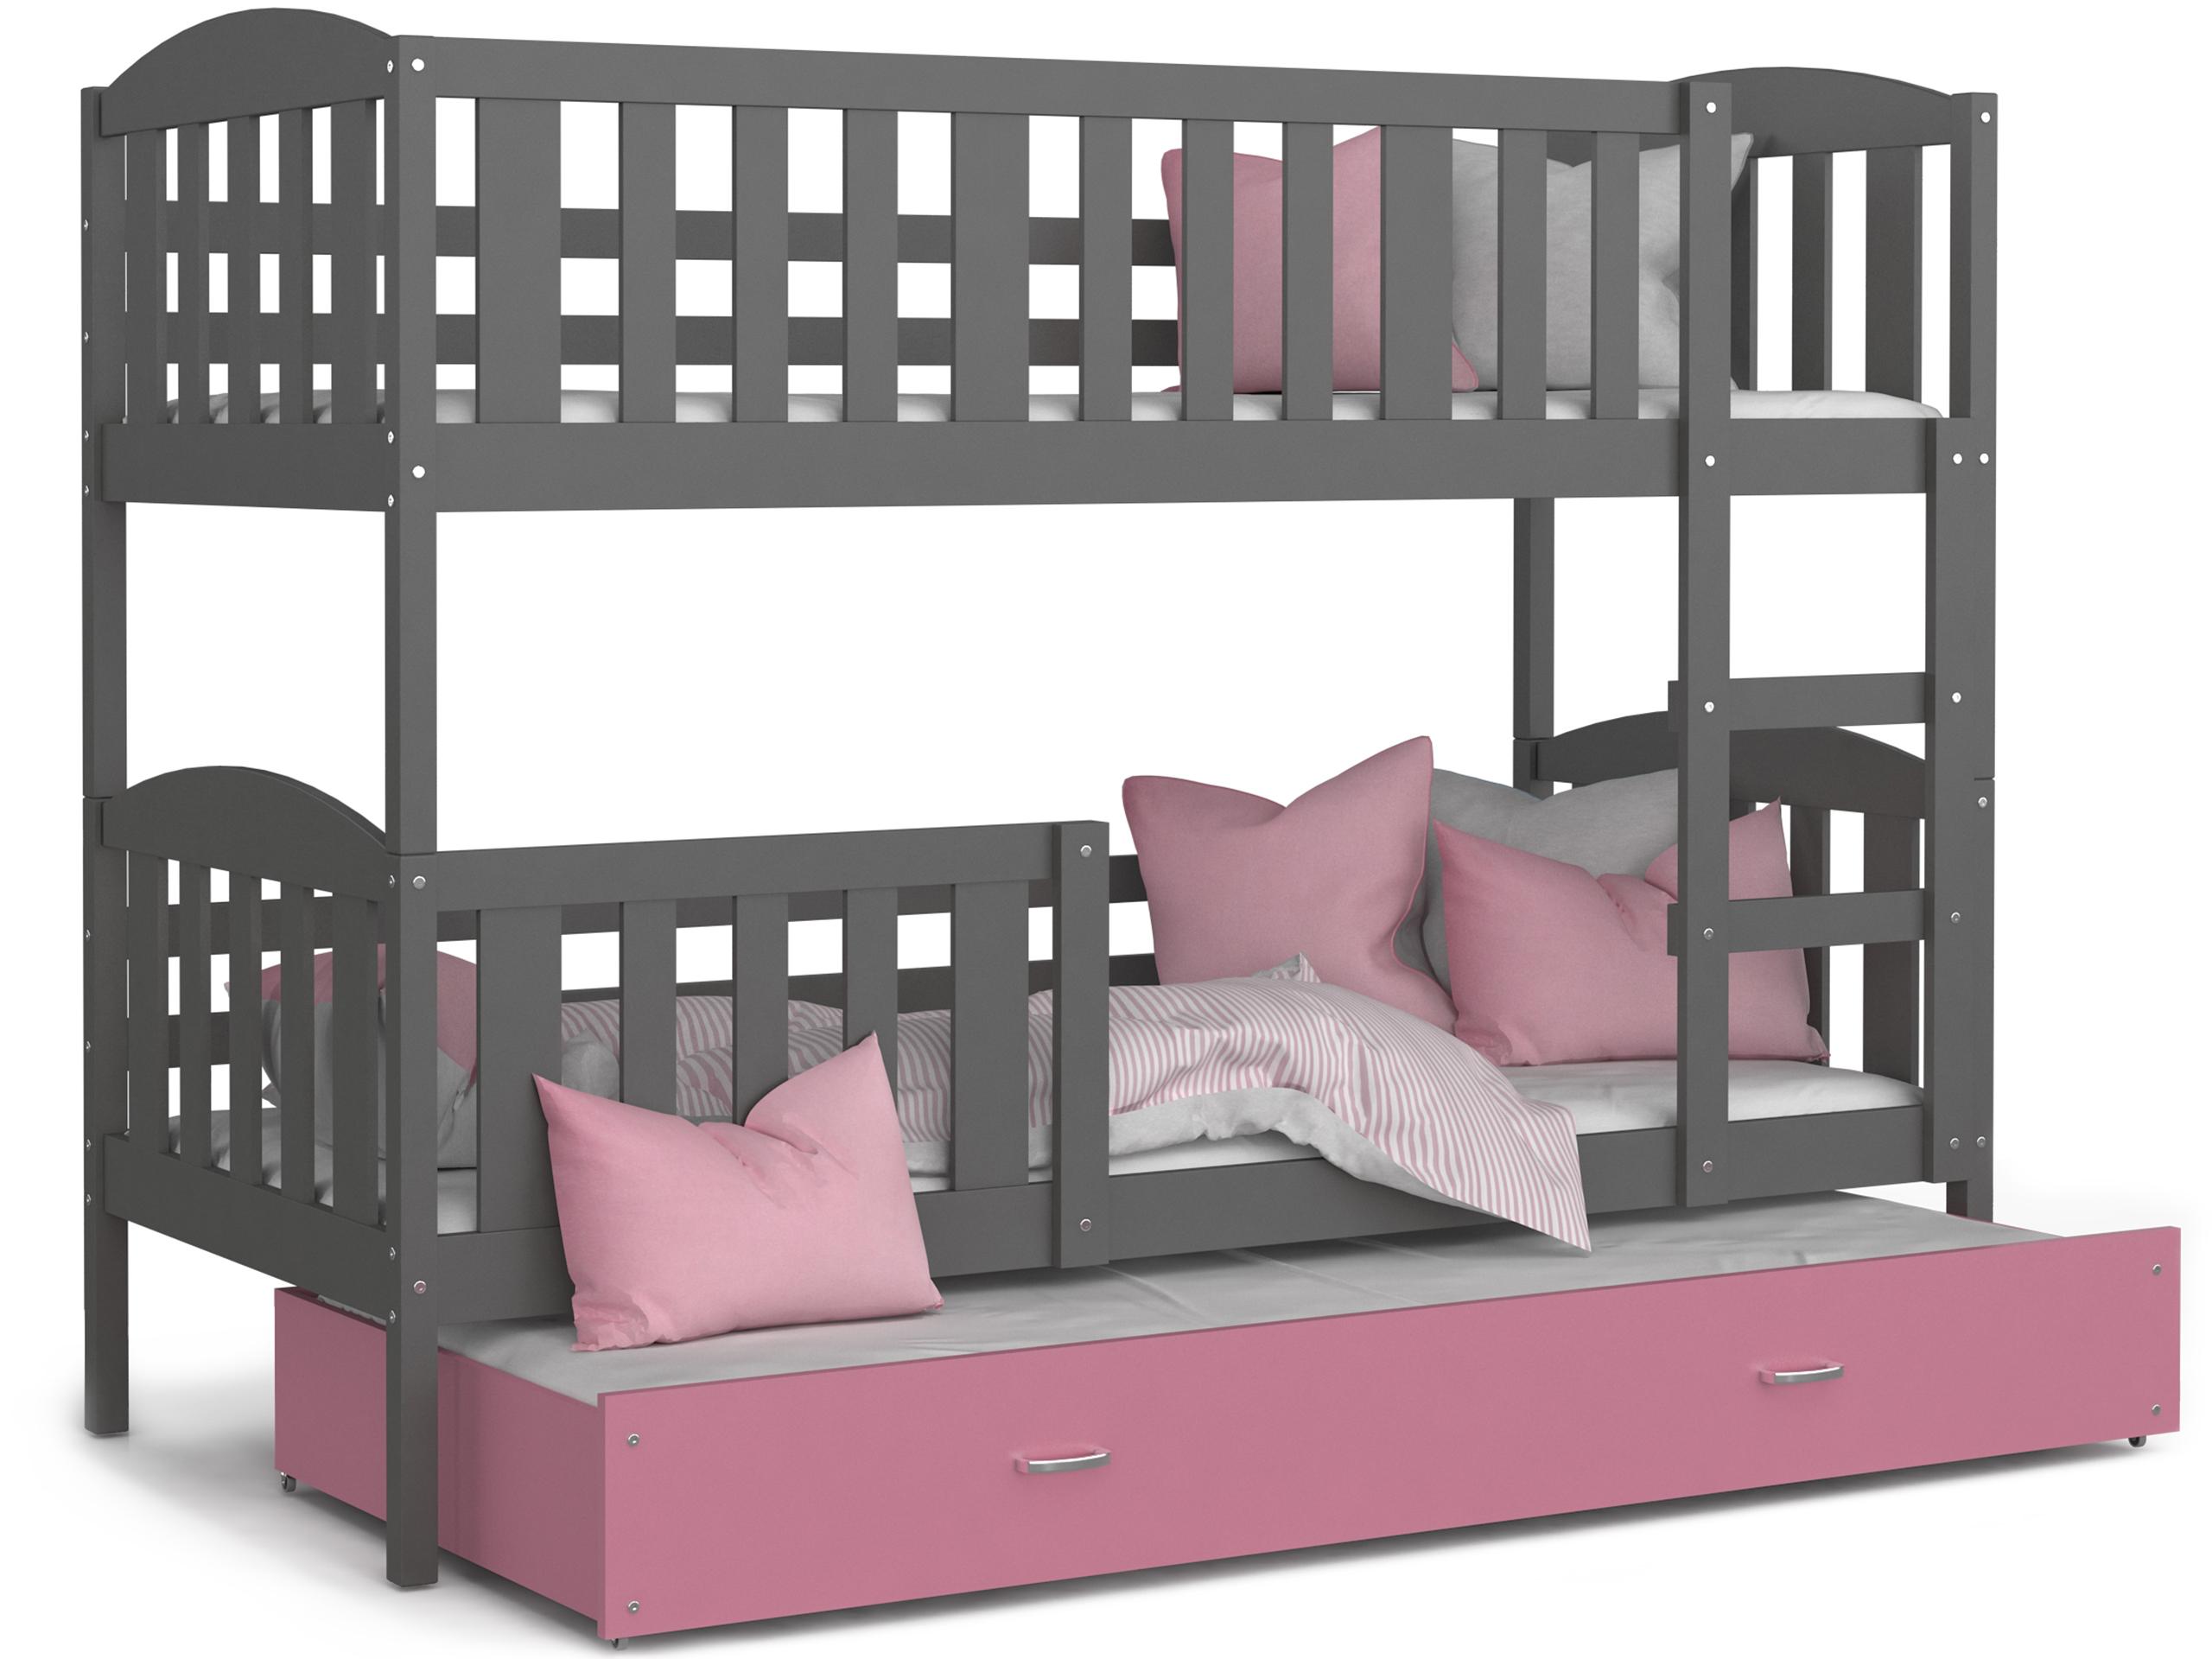 ArtAJ Detská poschodová posteľ Kubuš 3 | 190 x 80 cm Farba: Sivá / ružová, Prevedenie: bez matraca, Rozmer.: MDF